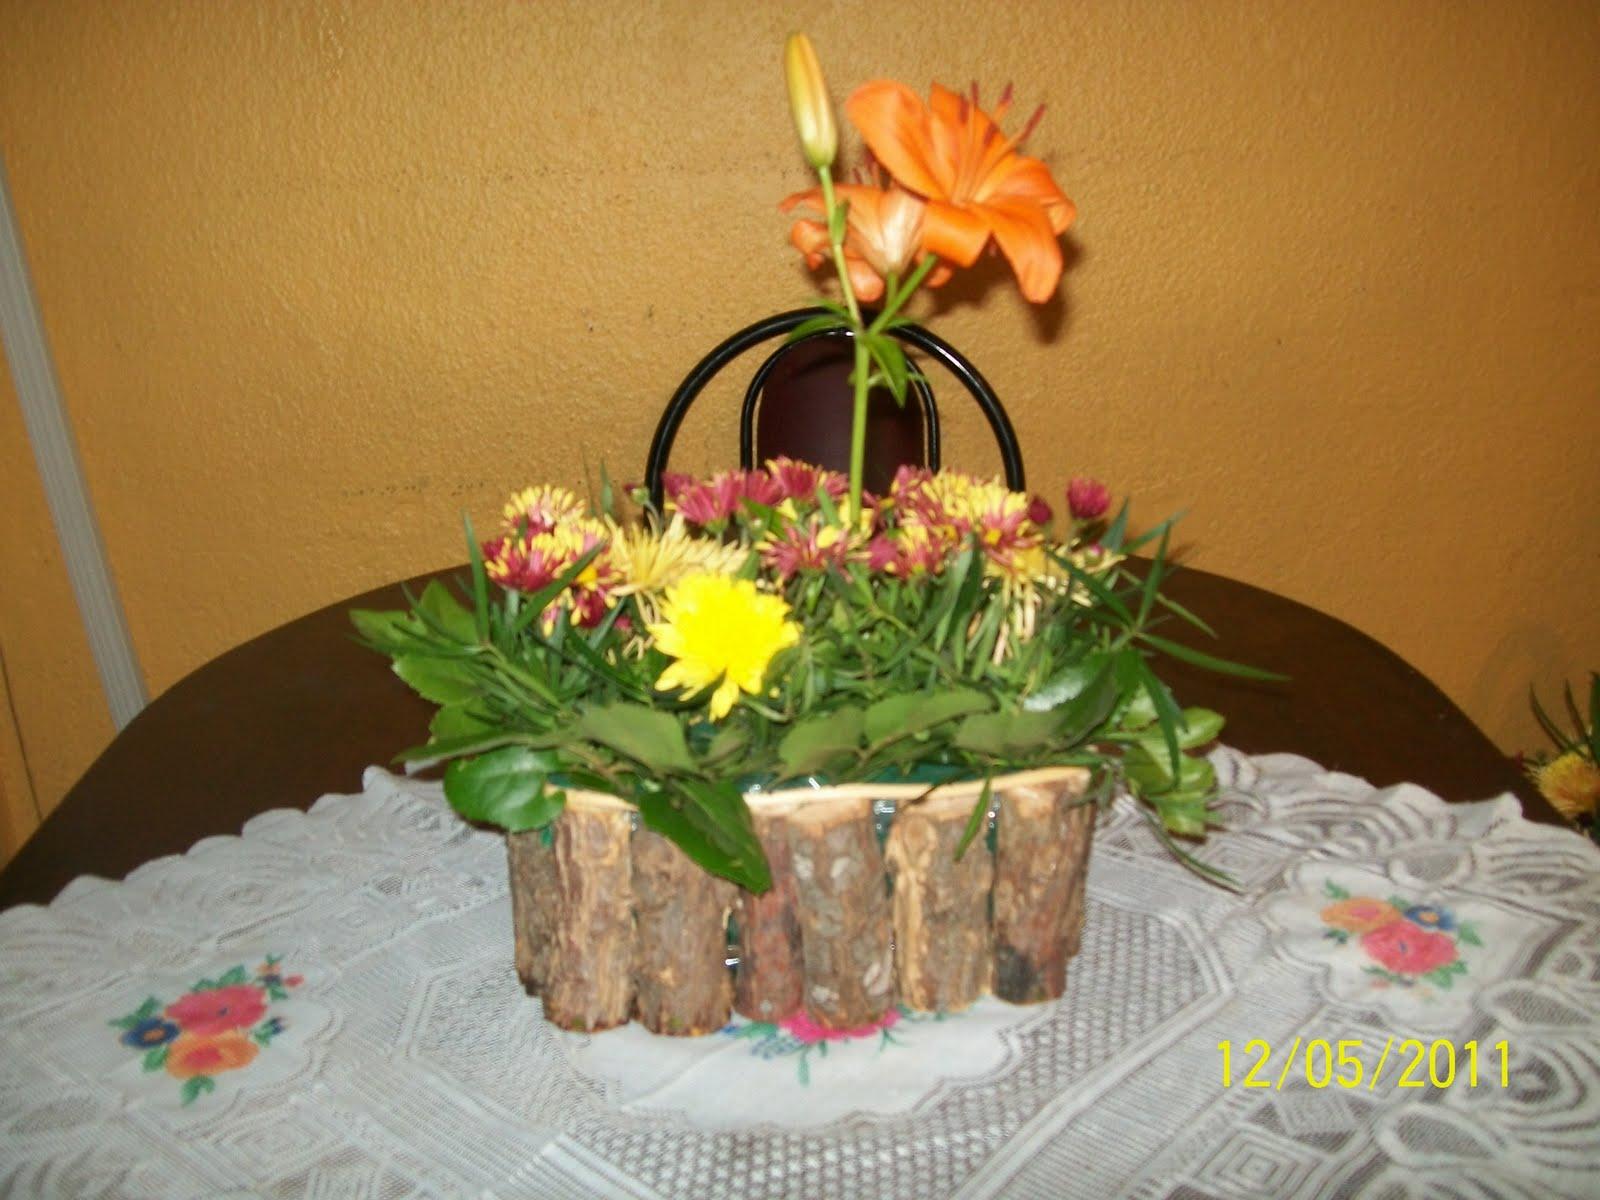 regale flores: Hermosos Arreglos Florales (precios muy convenientes)